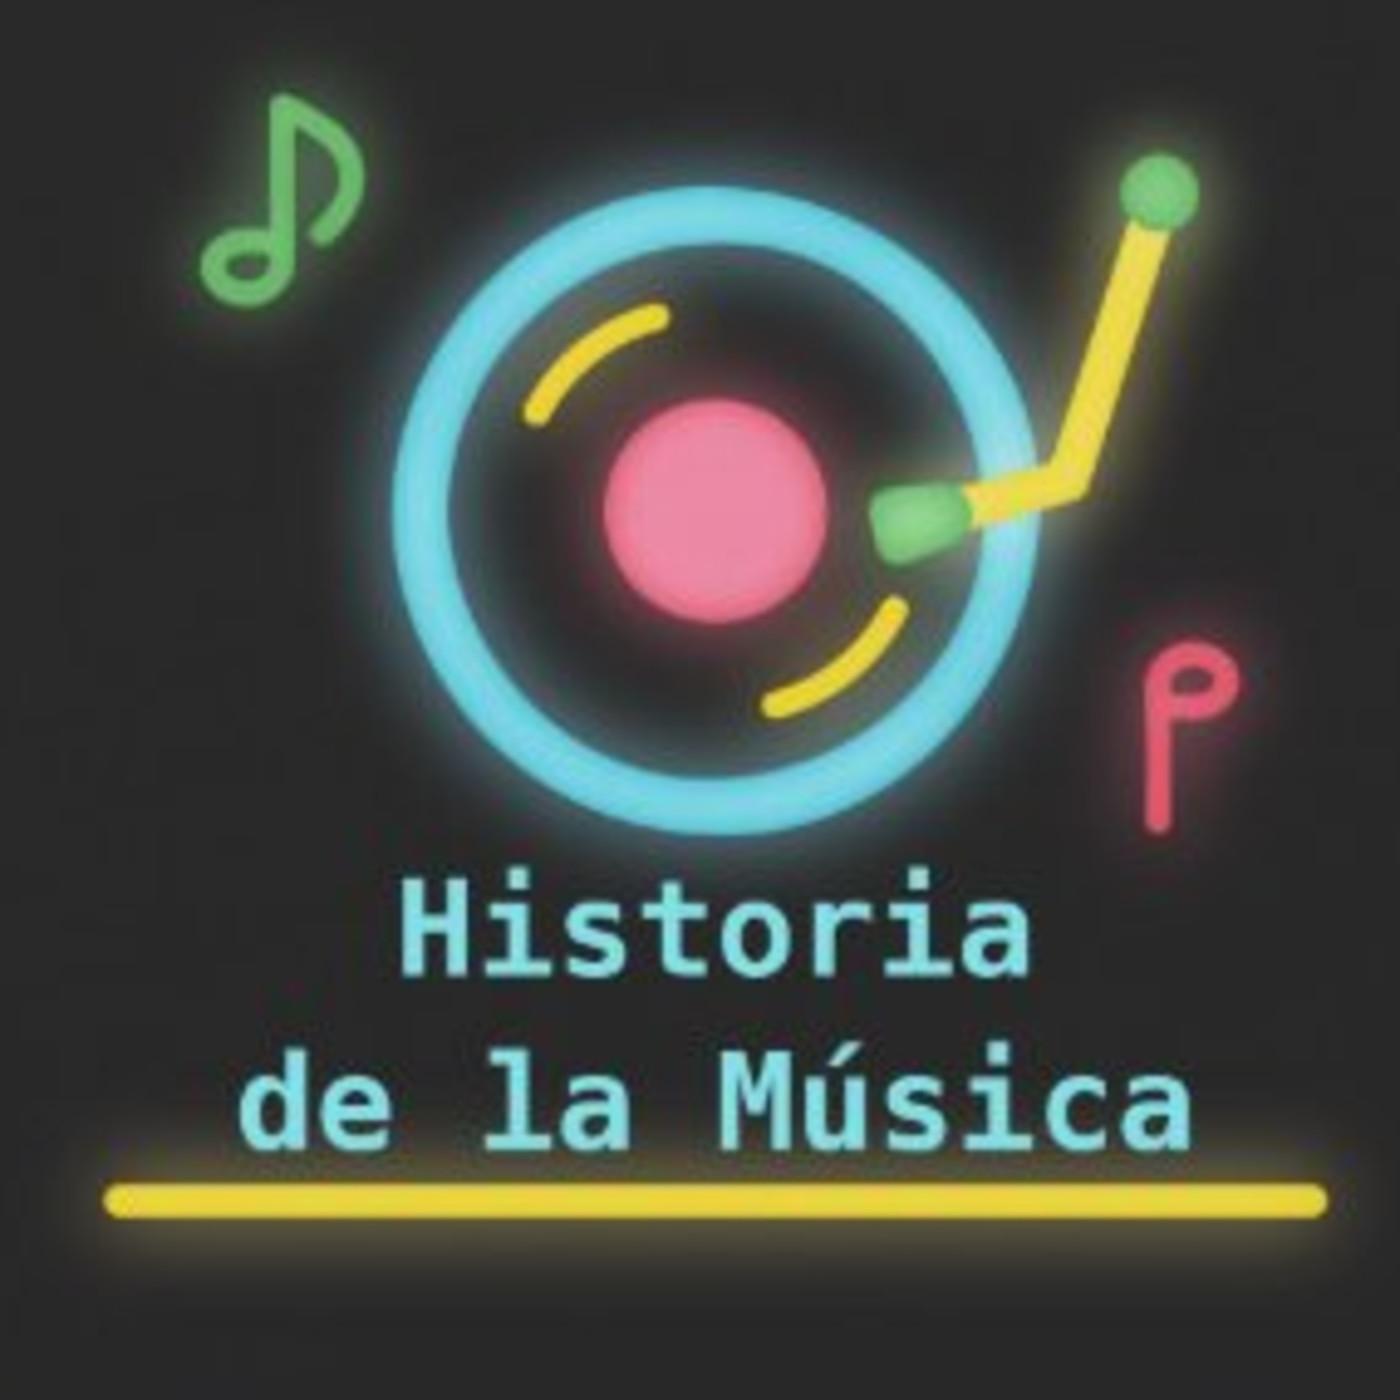 HistoriaMusica